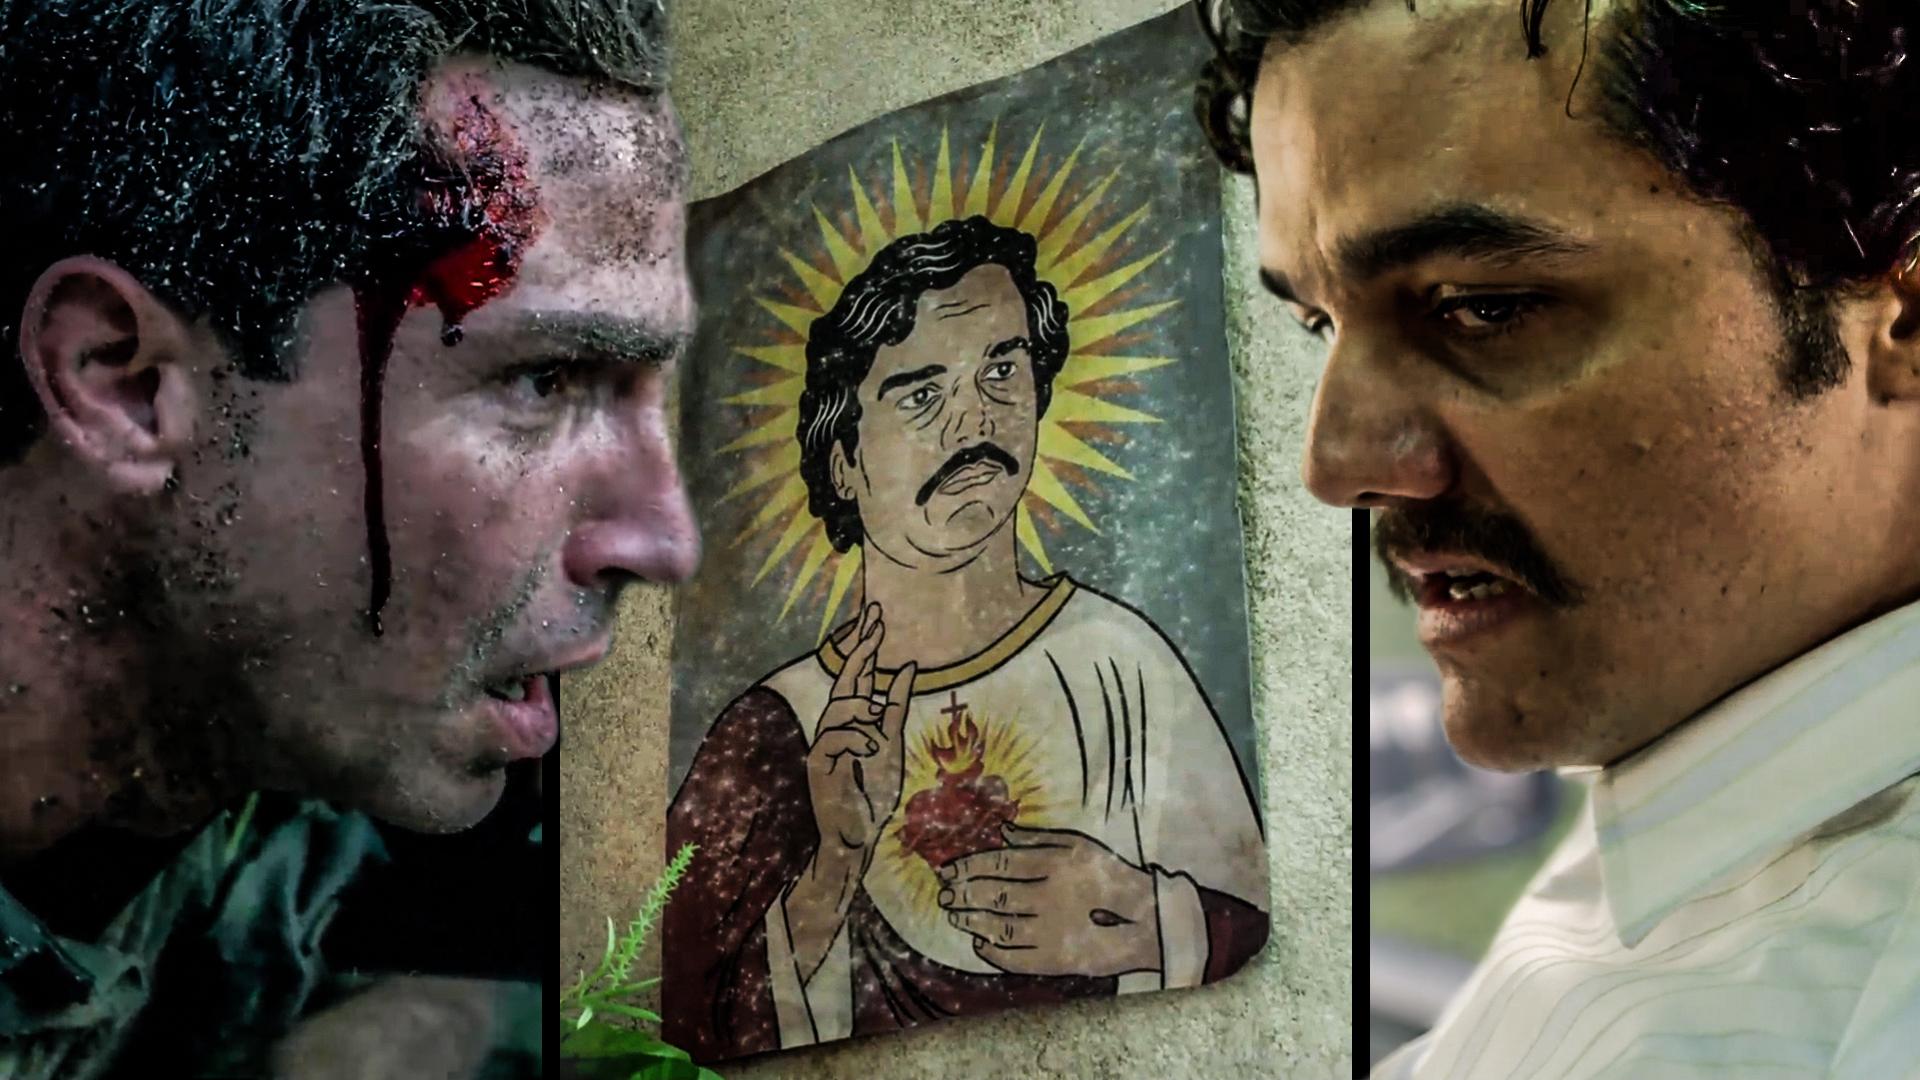 【墨菲】《毒枭》第4期:贫民罗宾汉沦为恐怖分子,巴勃罗的毒枭恐怖主义